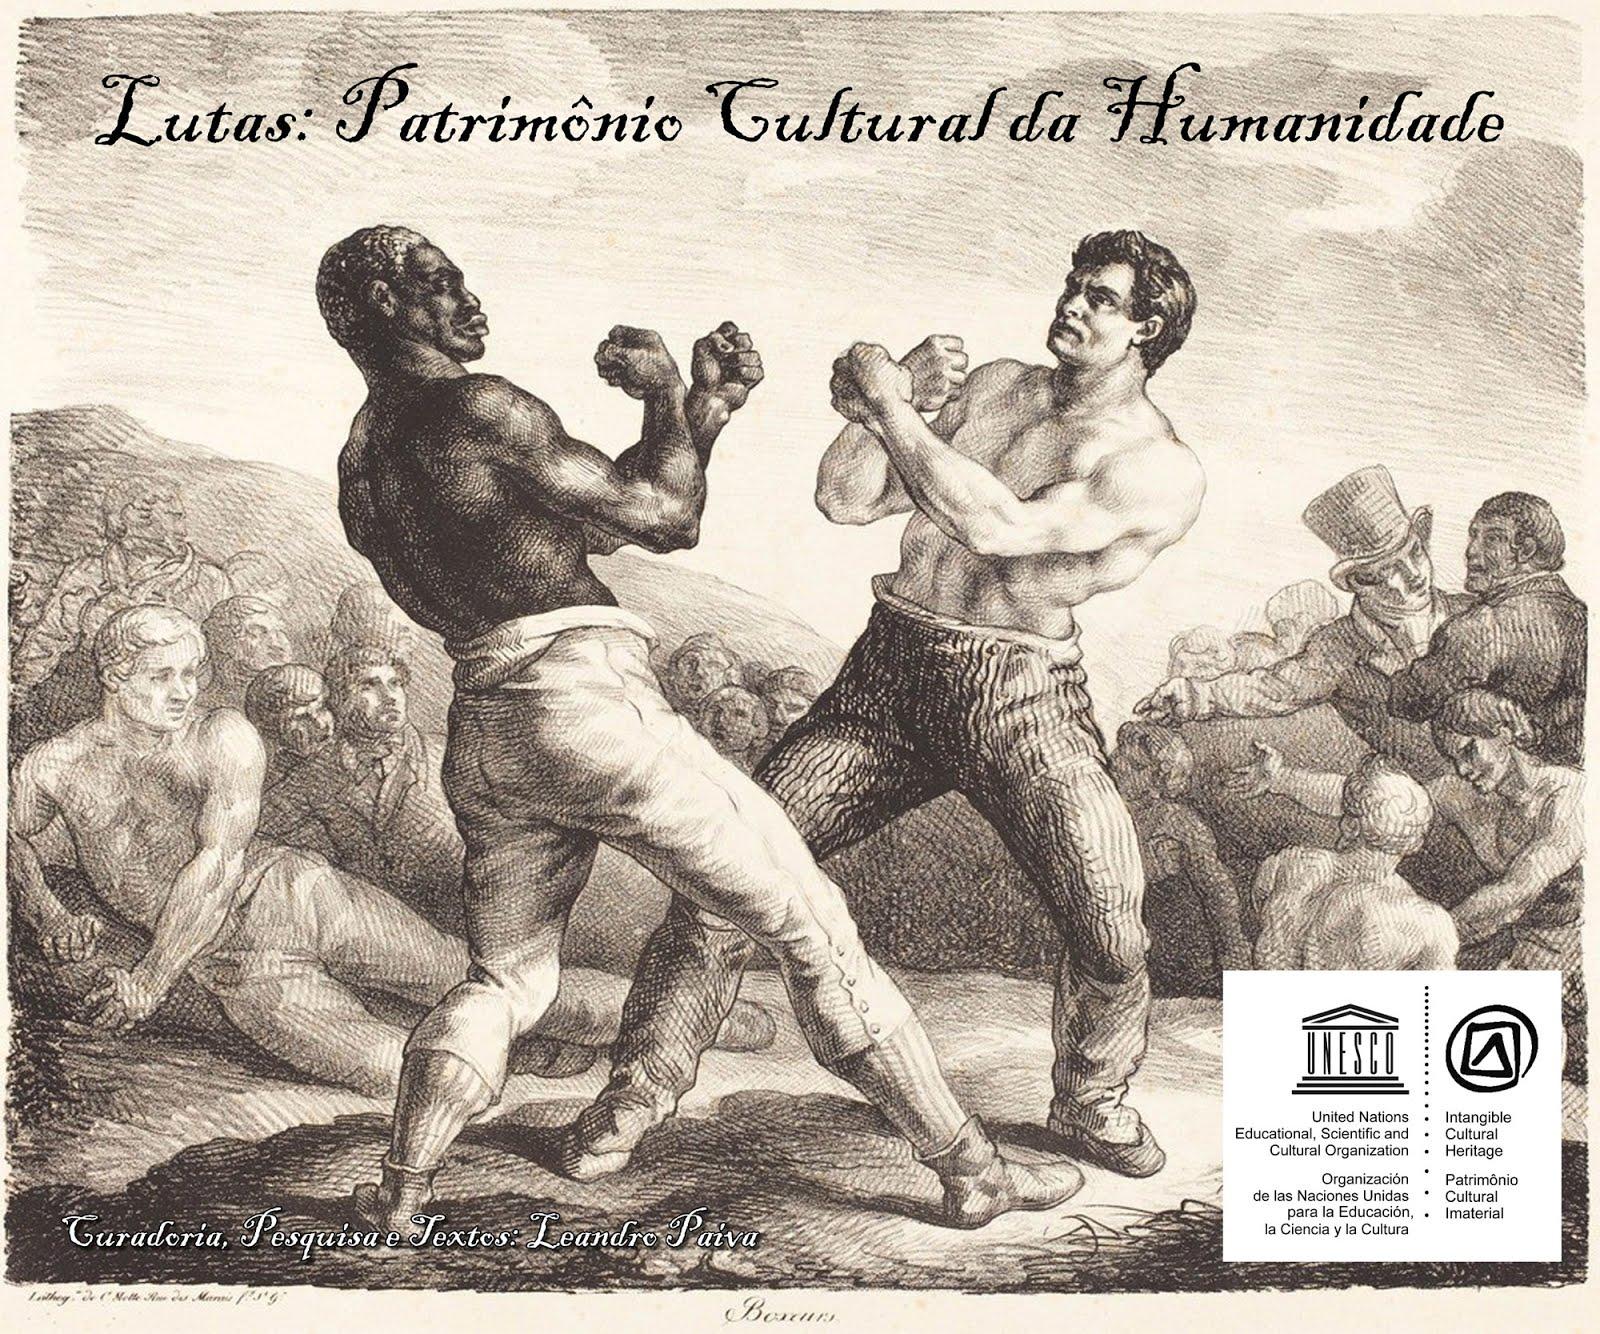 Exposição Inédita nas Américas (UNESCO)